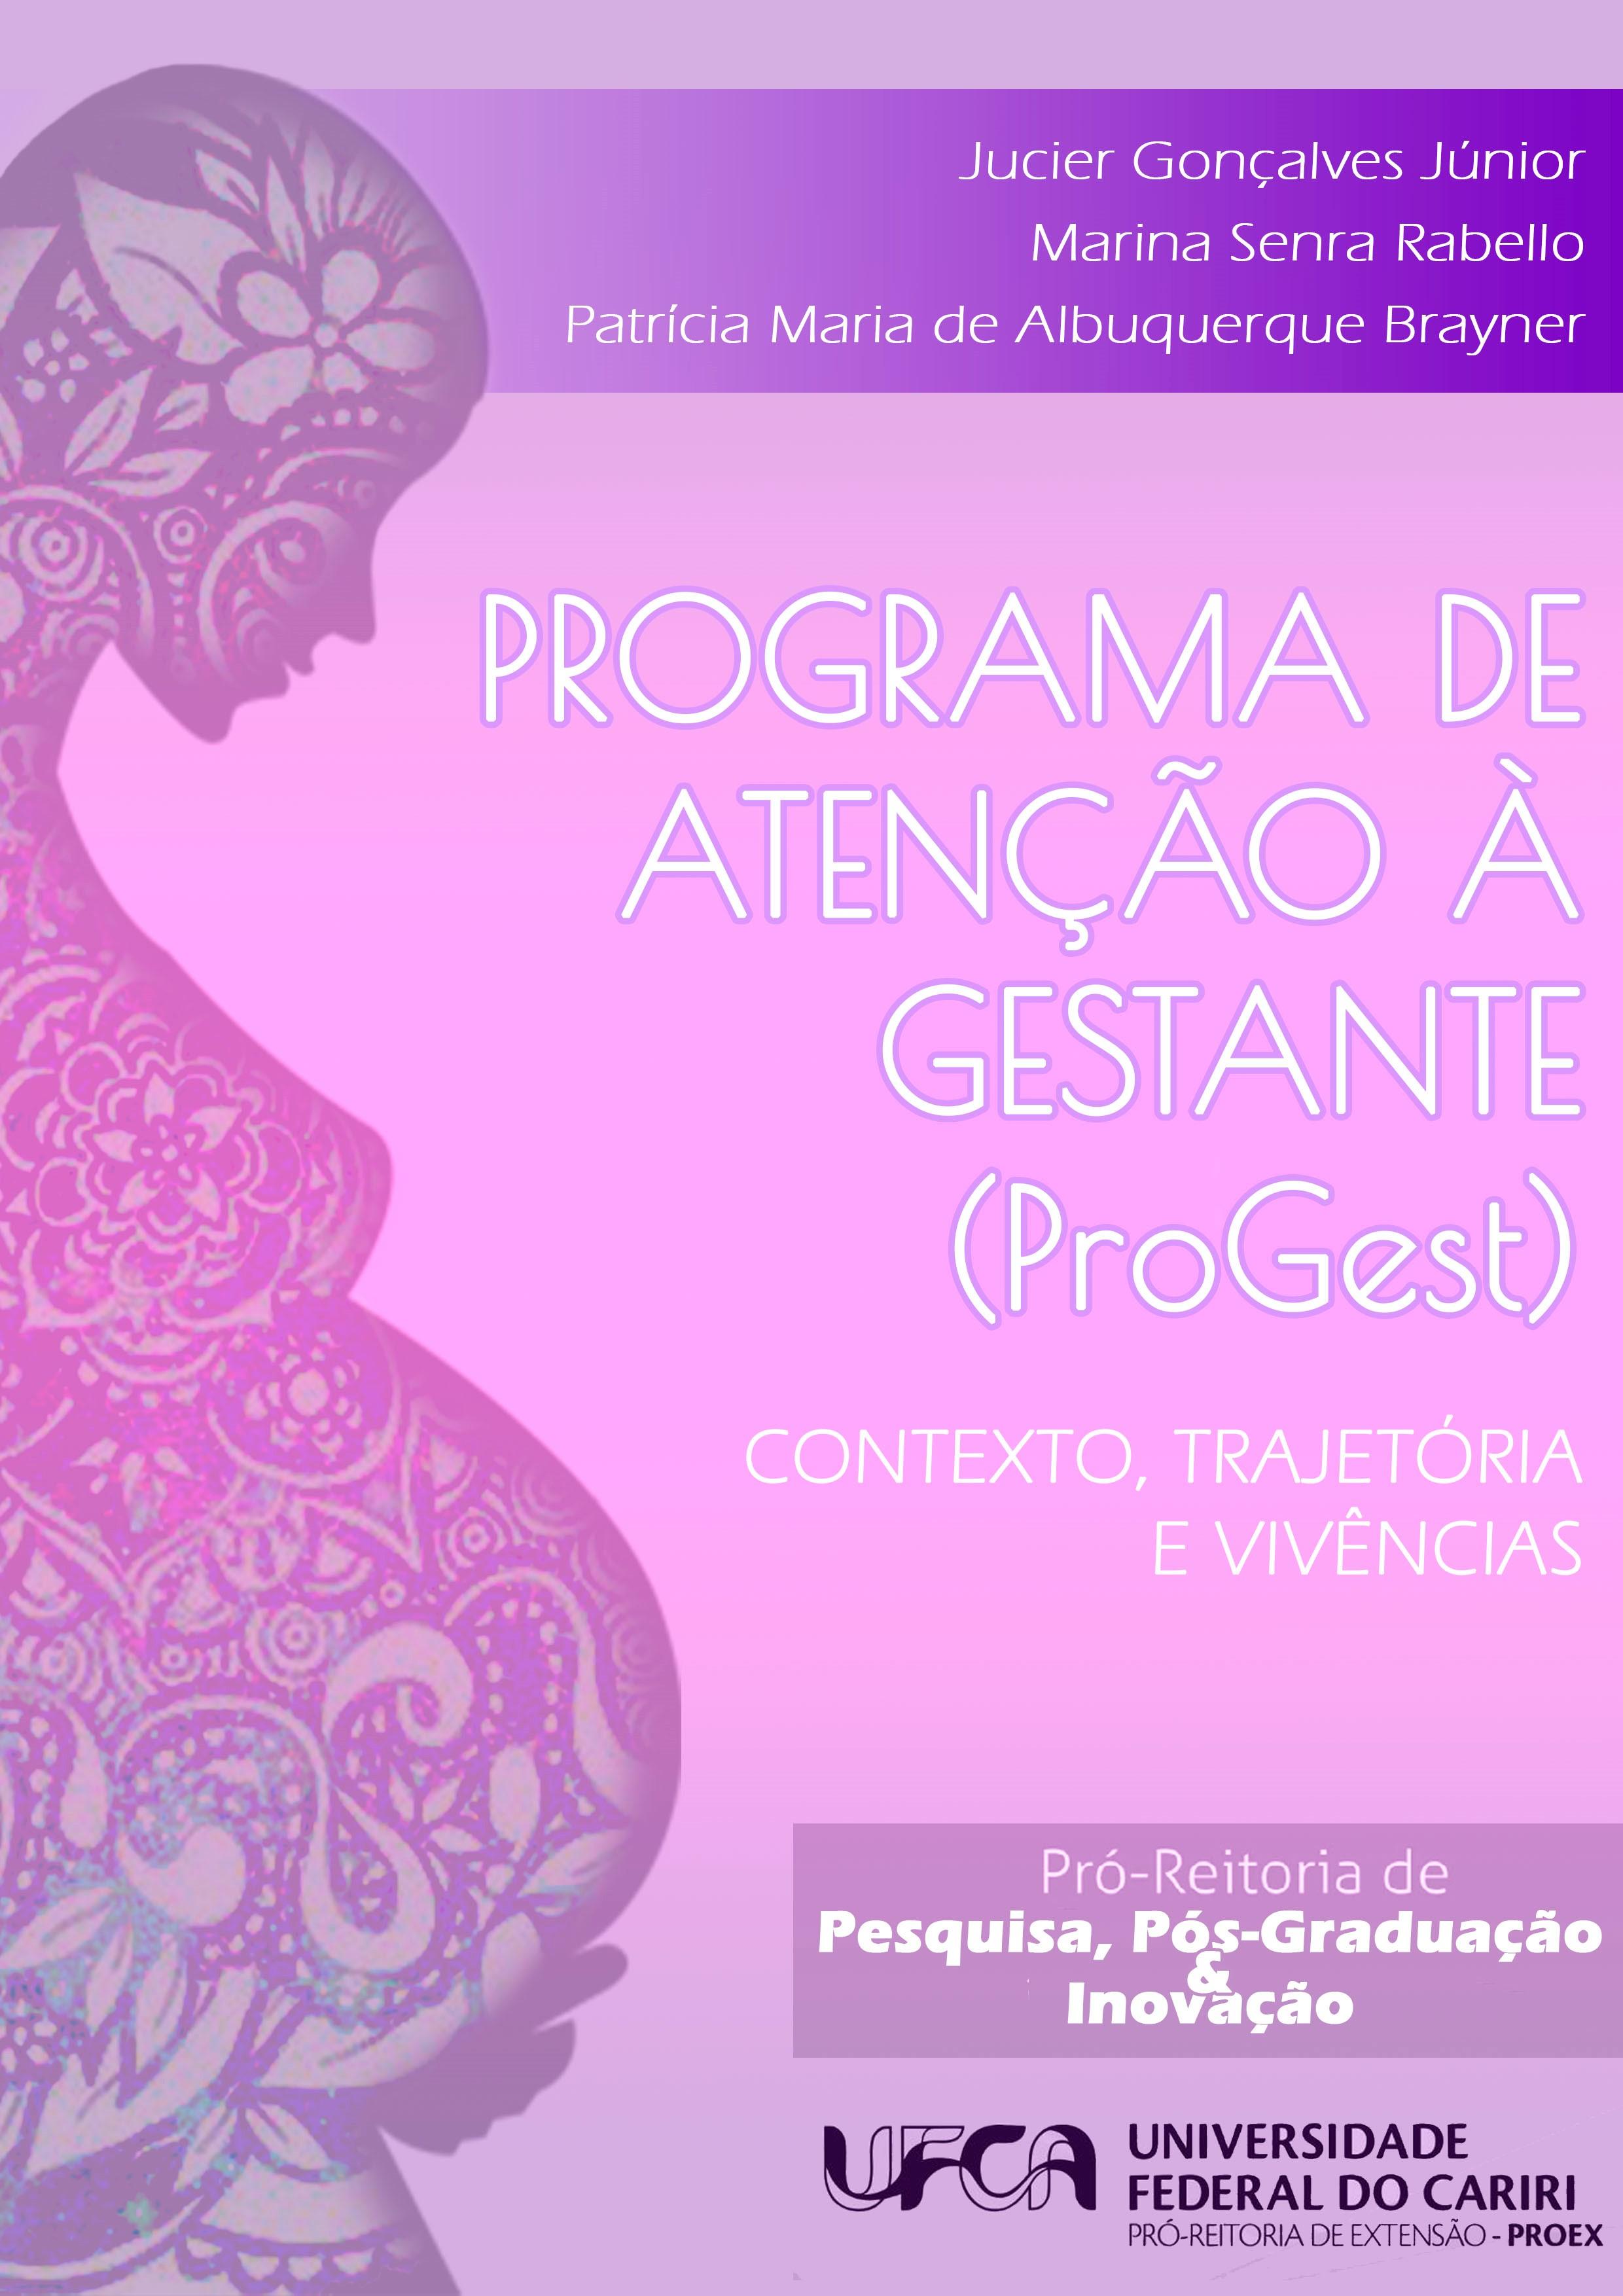 PROGRAMA DE ATENÇÃO À GESTANTE (PROGEST): CONTEXTO, TRAJETÓRIA E VIVÊNCIAS thumbnail